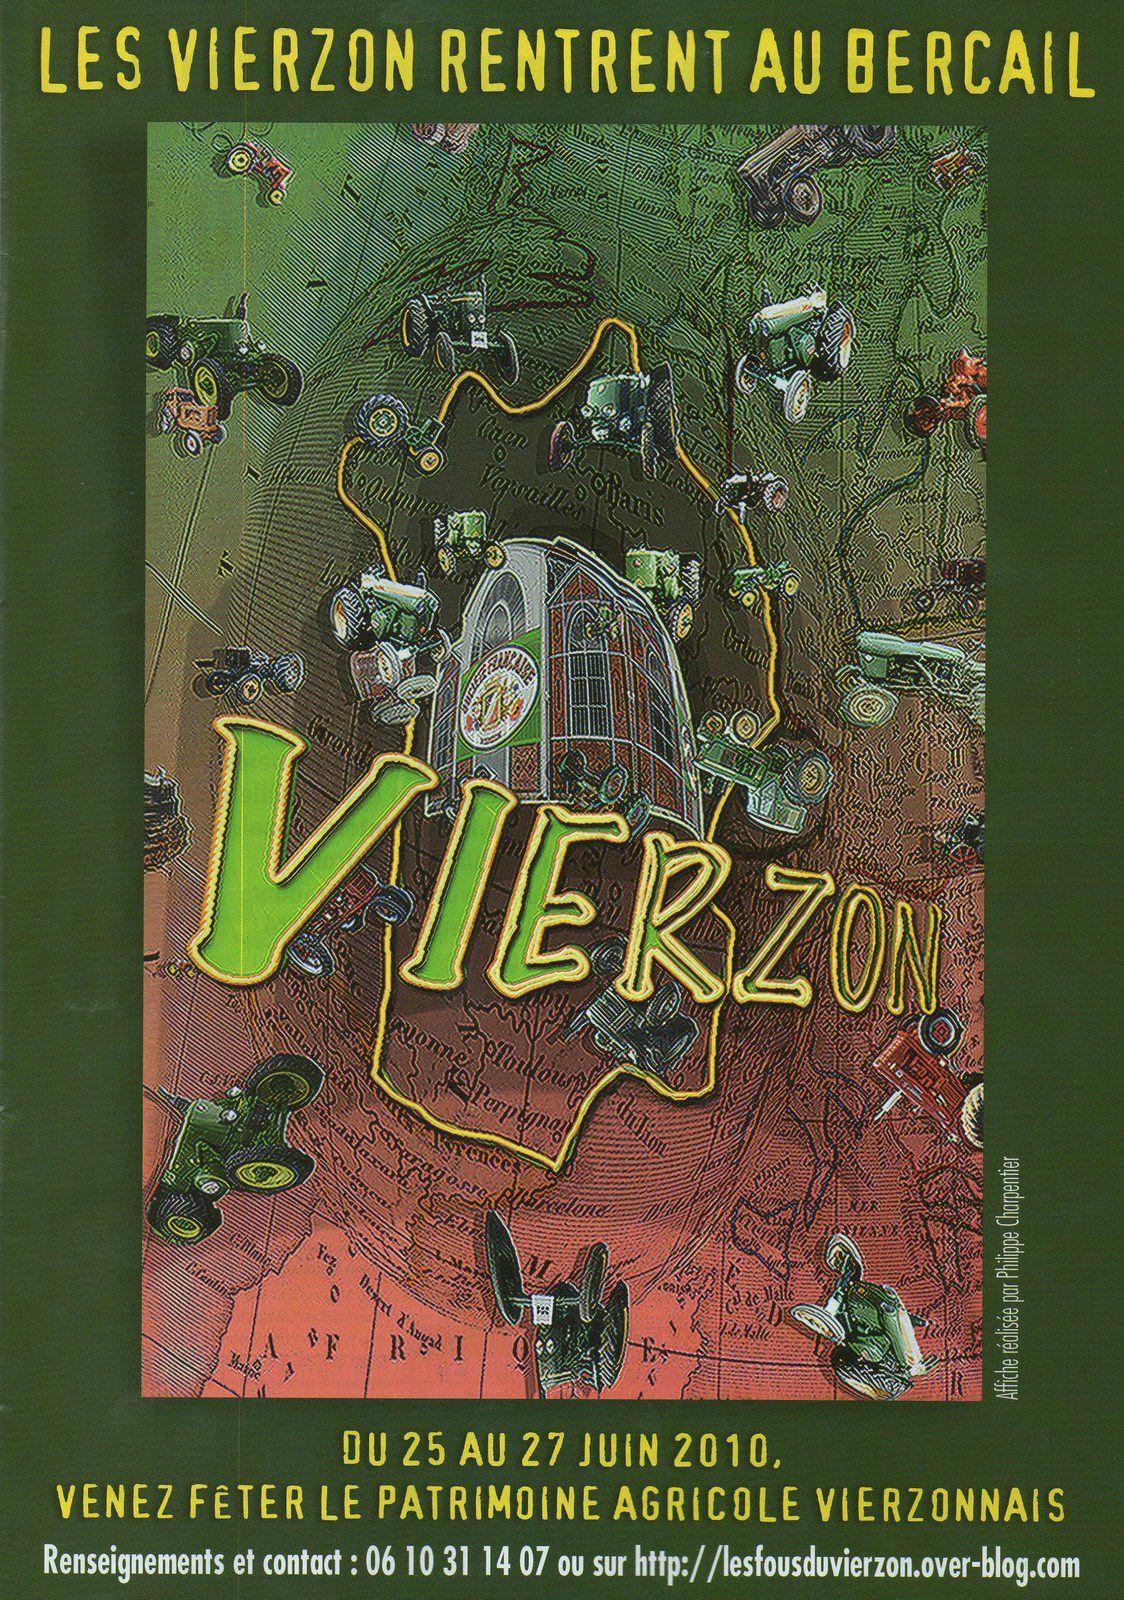 La carte postale impossible : Vierzon-sur-tracteur